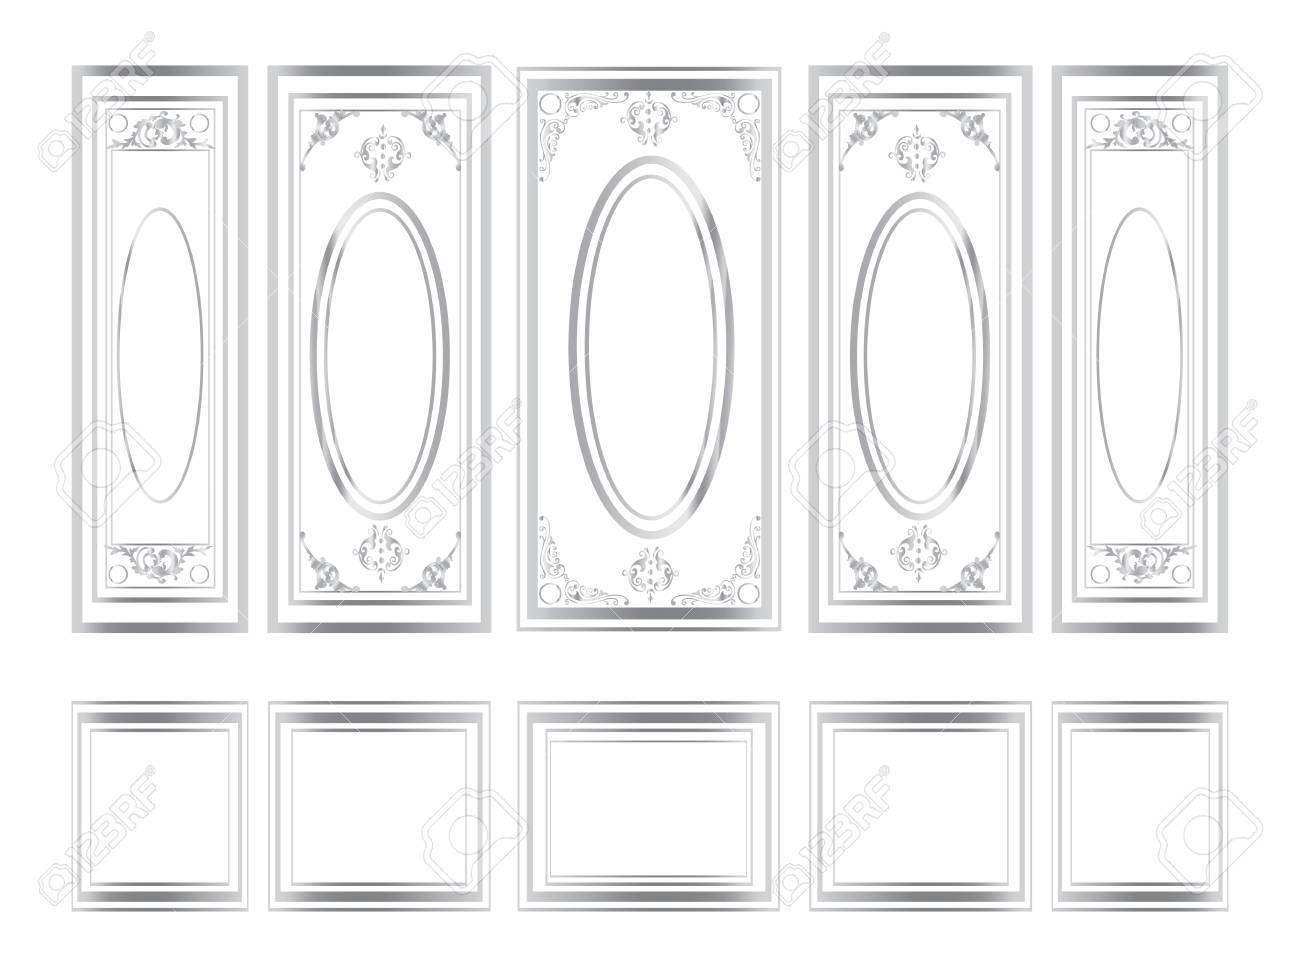 Dekorative Verzierte Rahmen Für Wände Oder Hintergründe. Interior ...